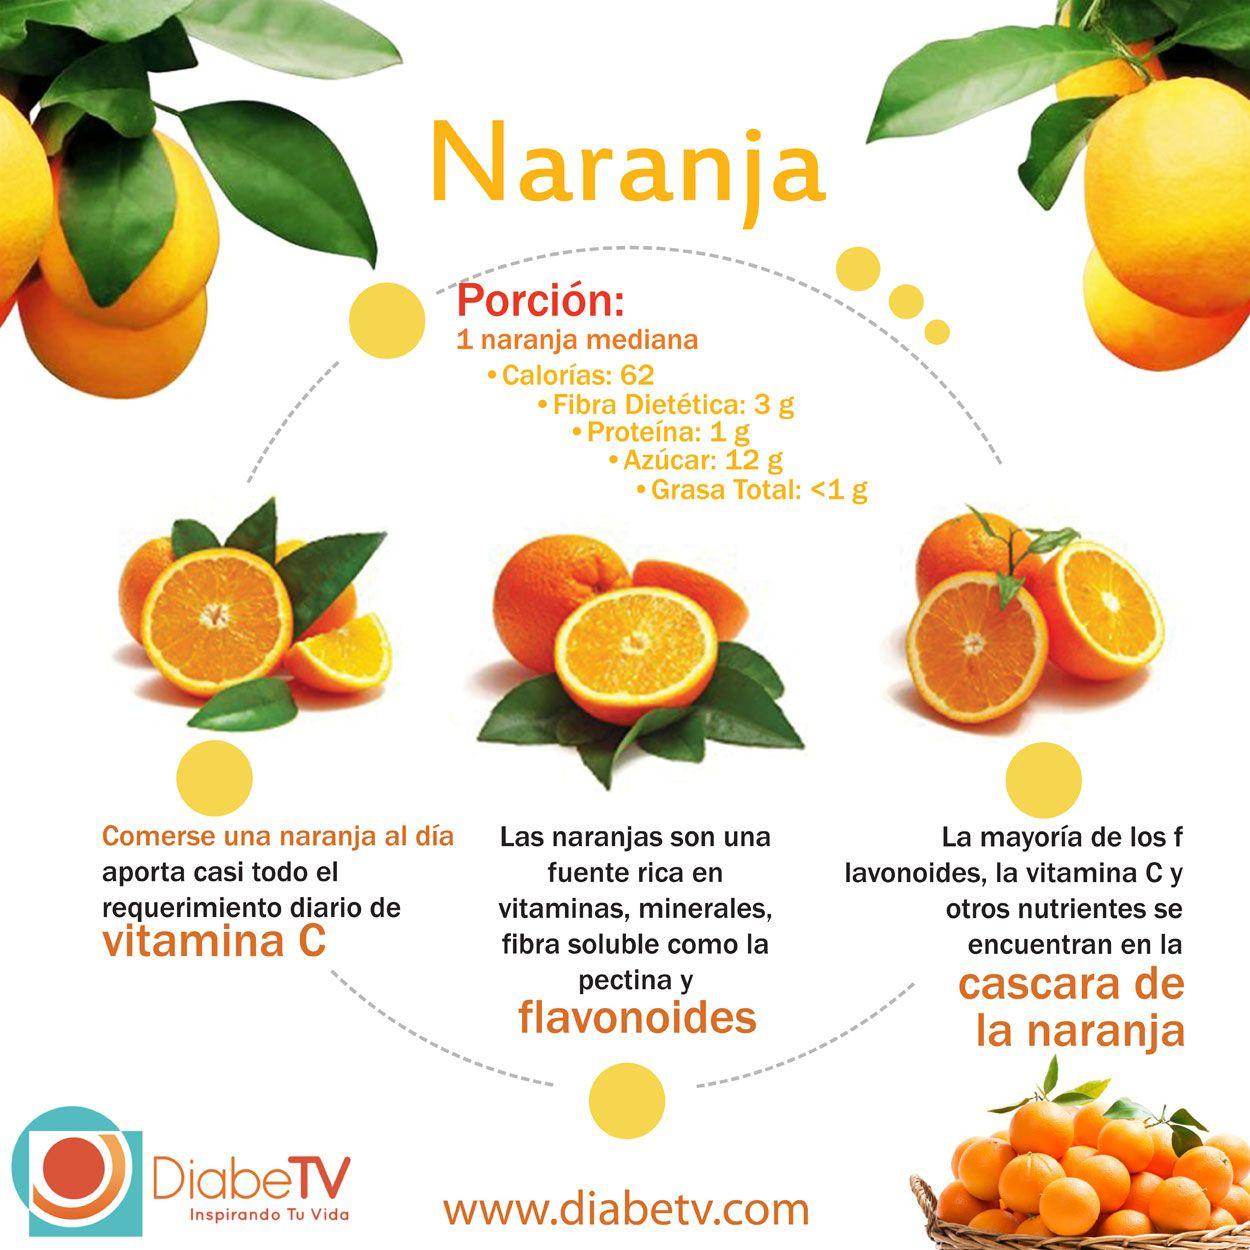 beneficios de la naranja para diabetes.- AUN CON DIABETES